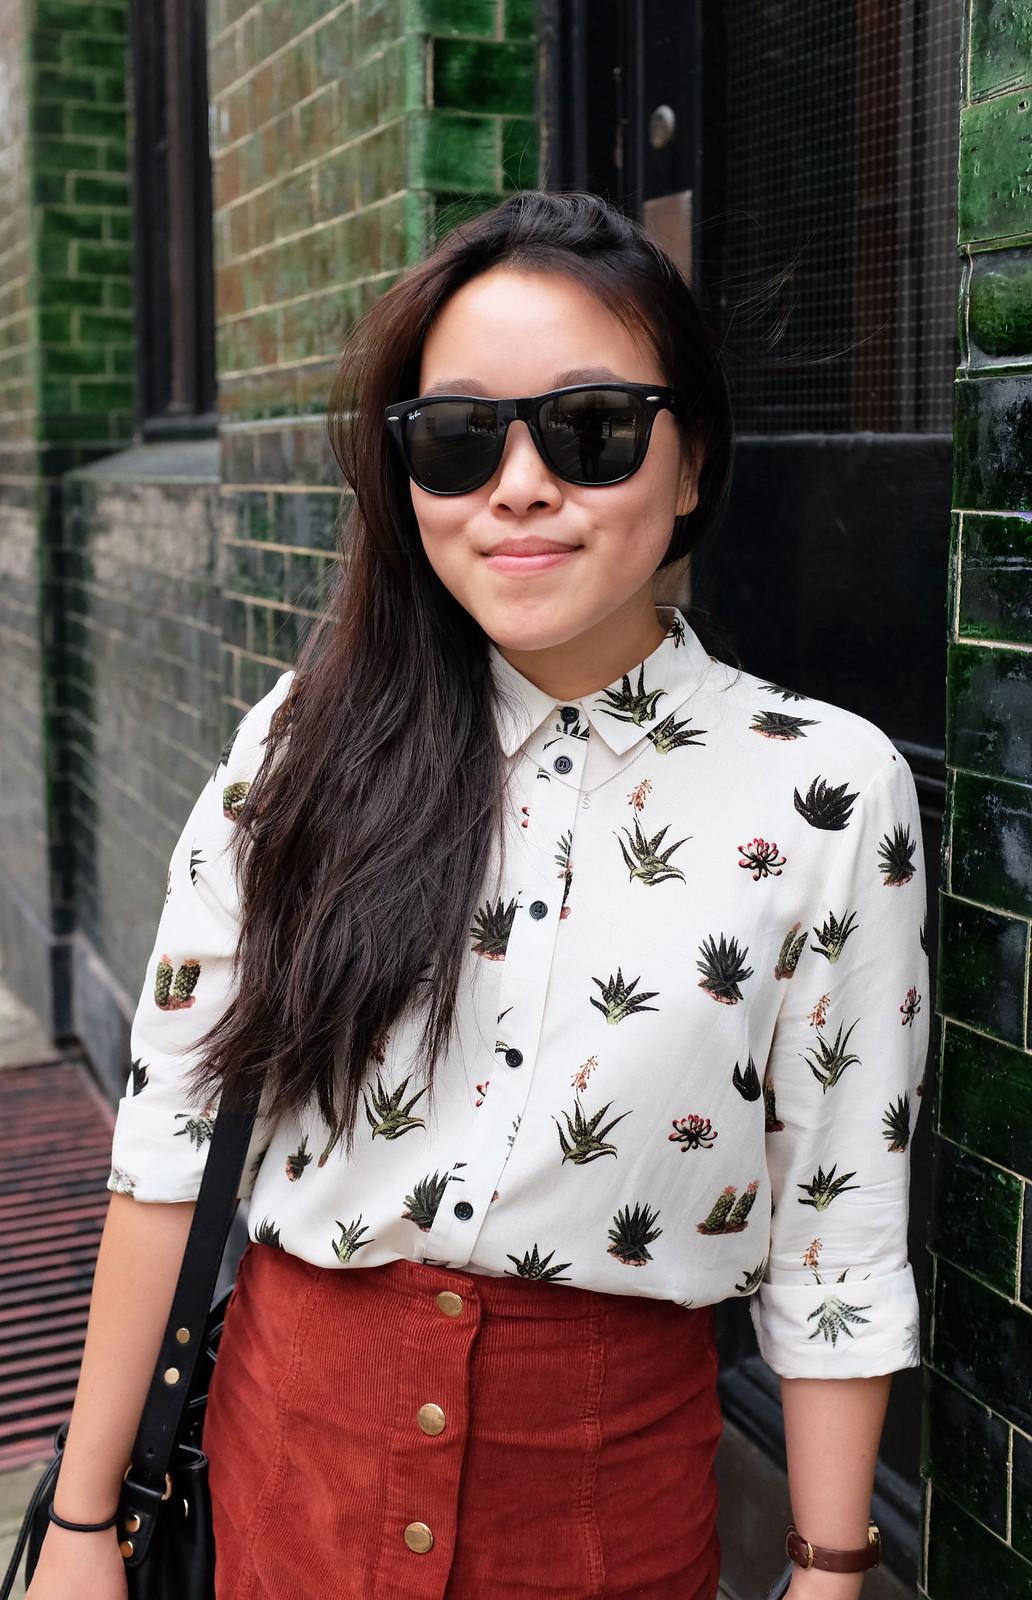 Topshop-Plant-Cactus-Blouse-Outfit-001